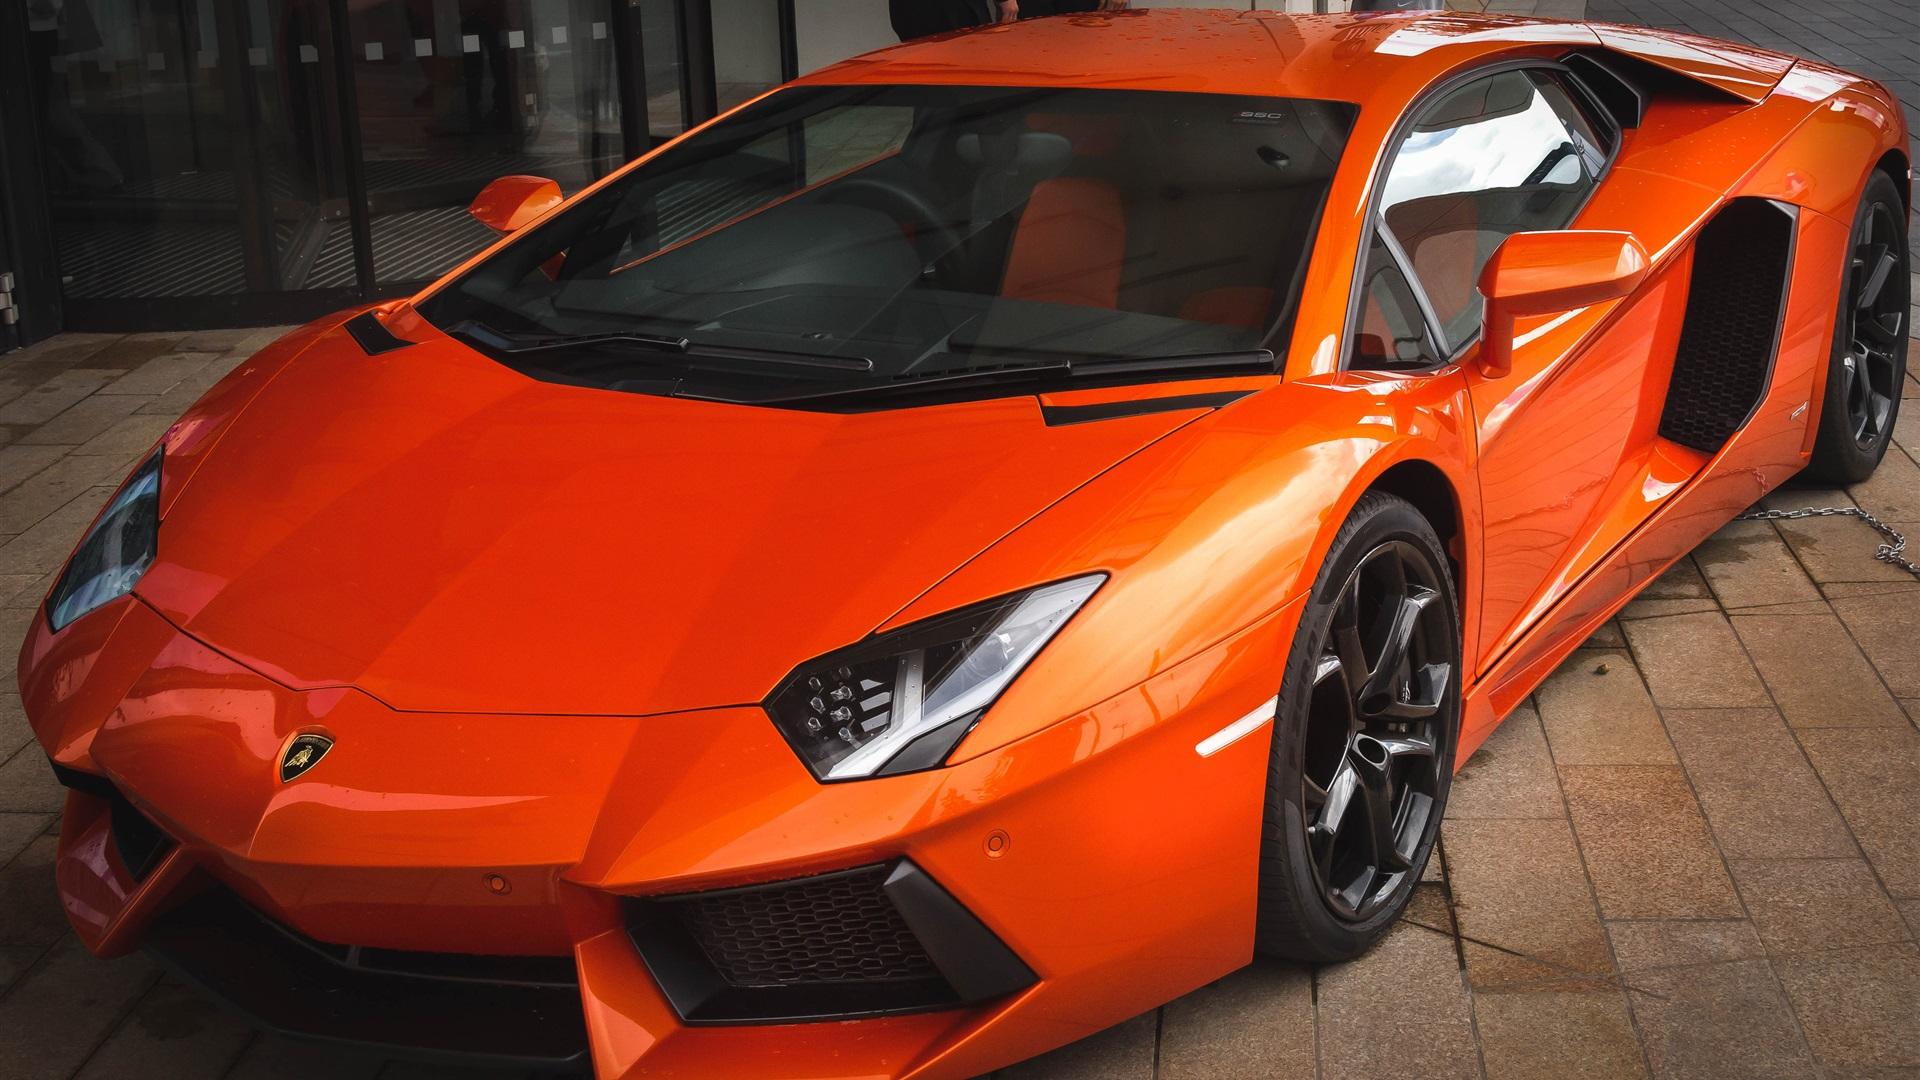 Fonds d'écran Orange Lamborghini voiture de sport 3840x2160 UHD 4K image